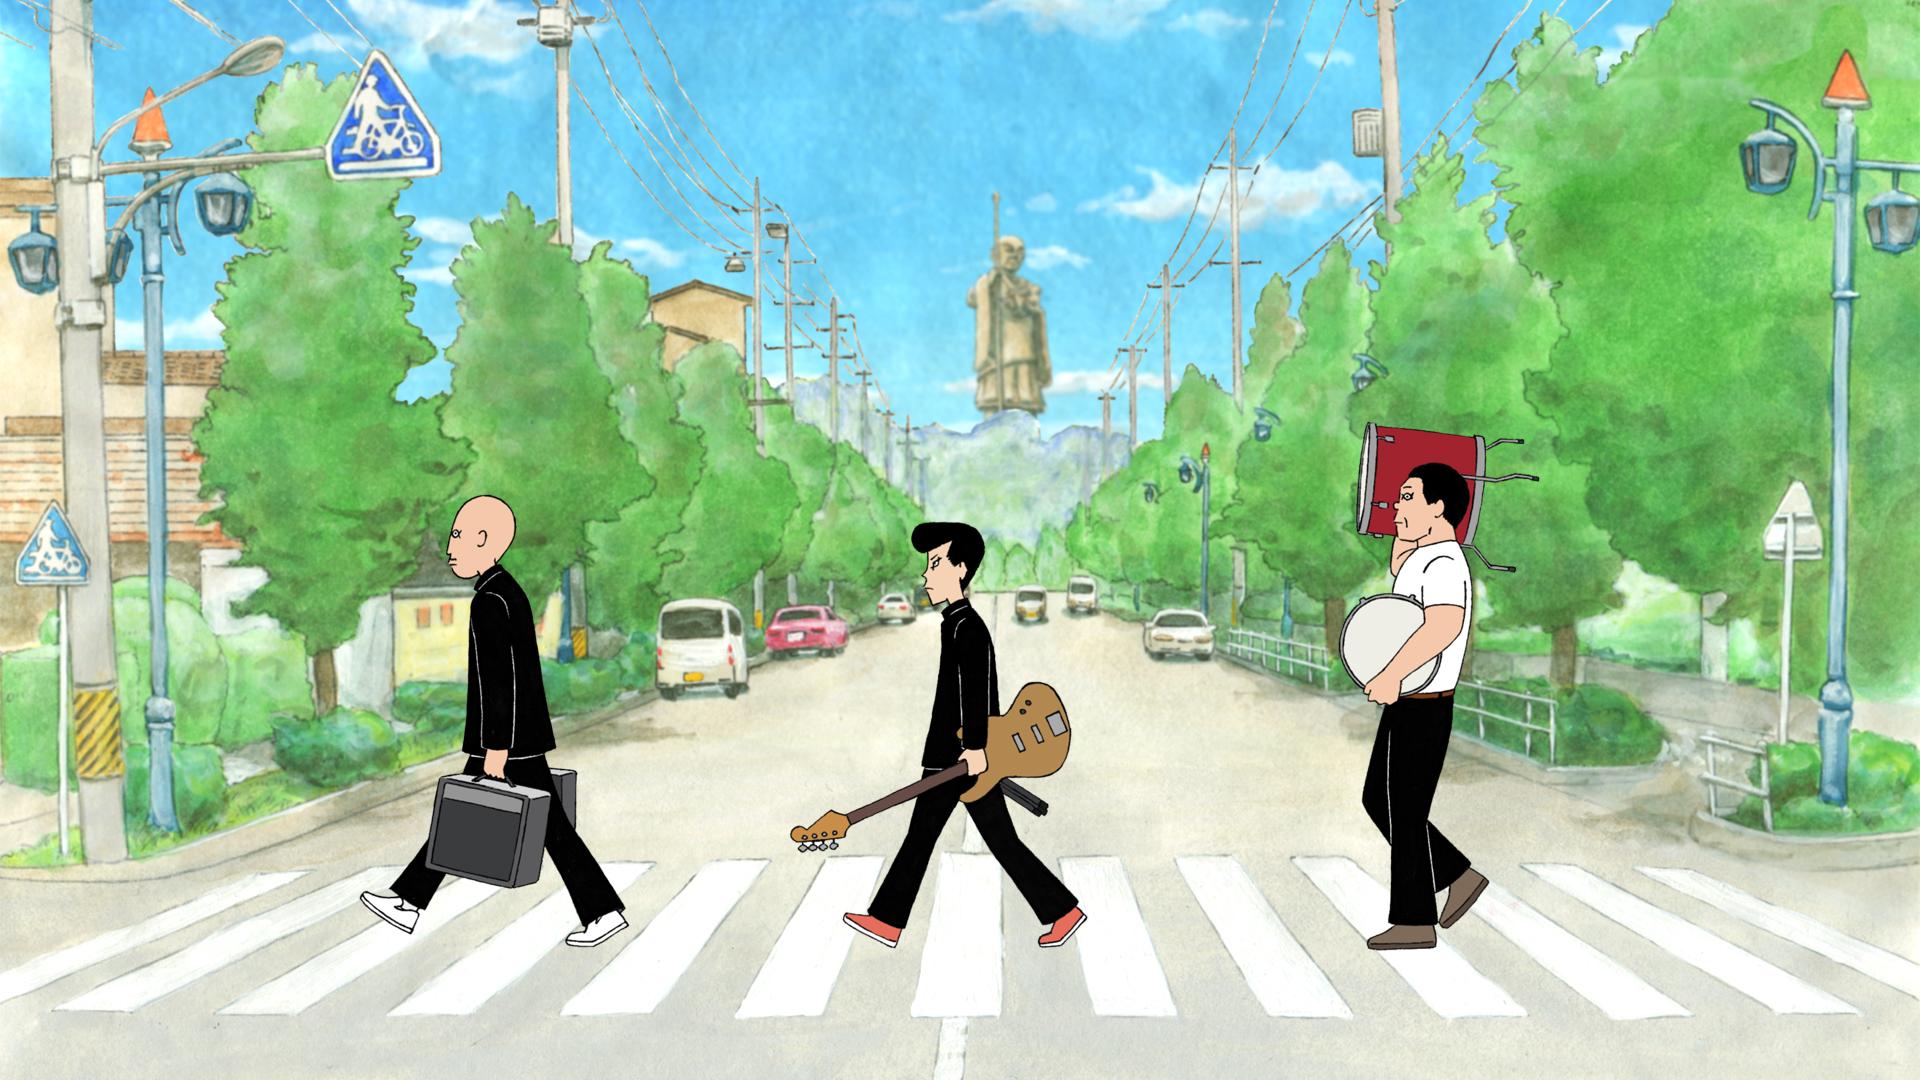 """Kenji, Ota y Asakura recrean inadvertidamente la portada del álbum Abbey Road de los Beatles mientras se fugan con el equipo de la banda. """"prestado"""" desde la sala del club de música en una escena de la película de anime teatral ON-GAKU: Our Sound."""